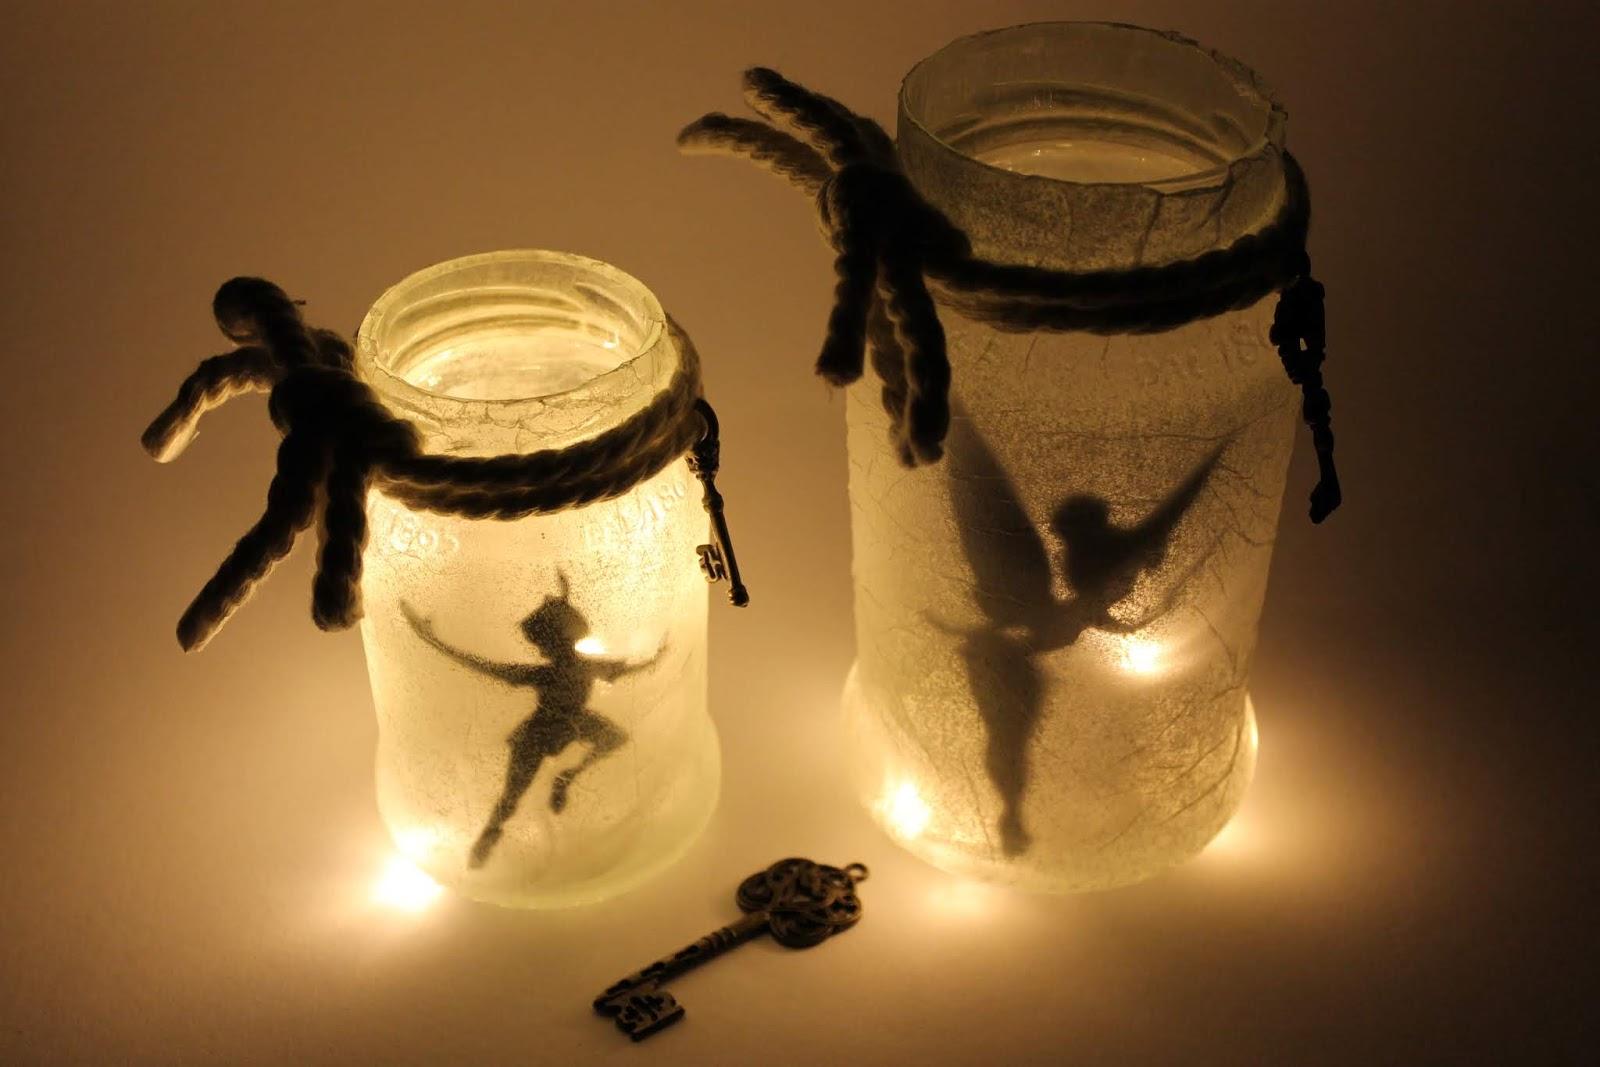 DIY Feenglas Tinkerbell  Peter Pan ganz einfach selber machen